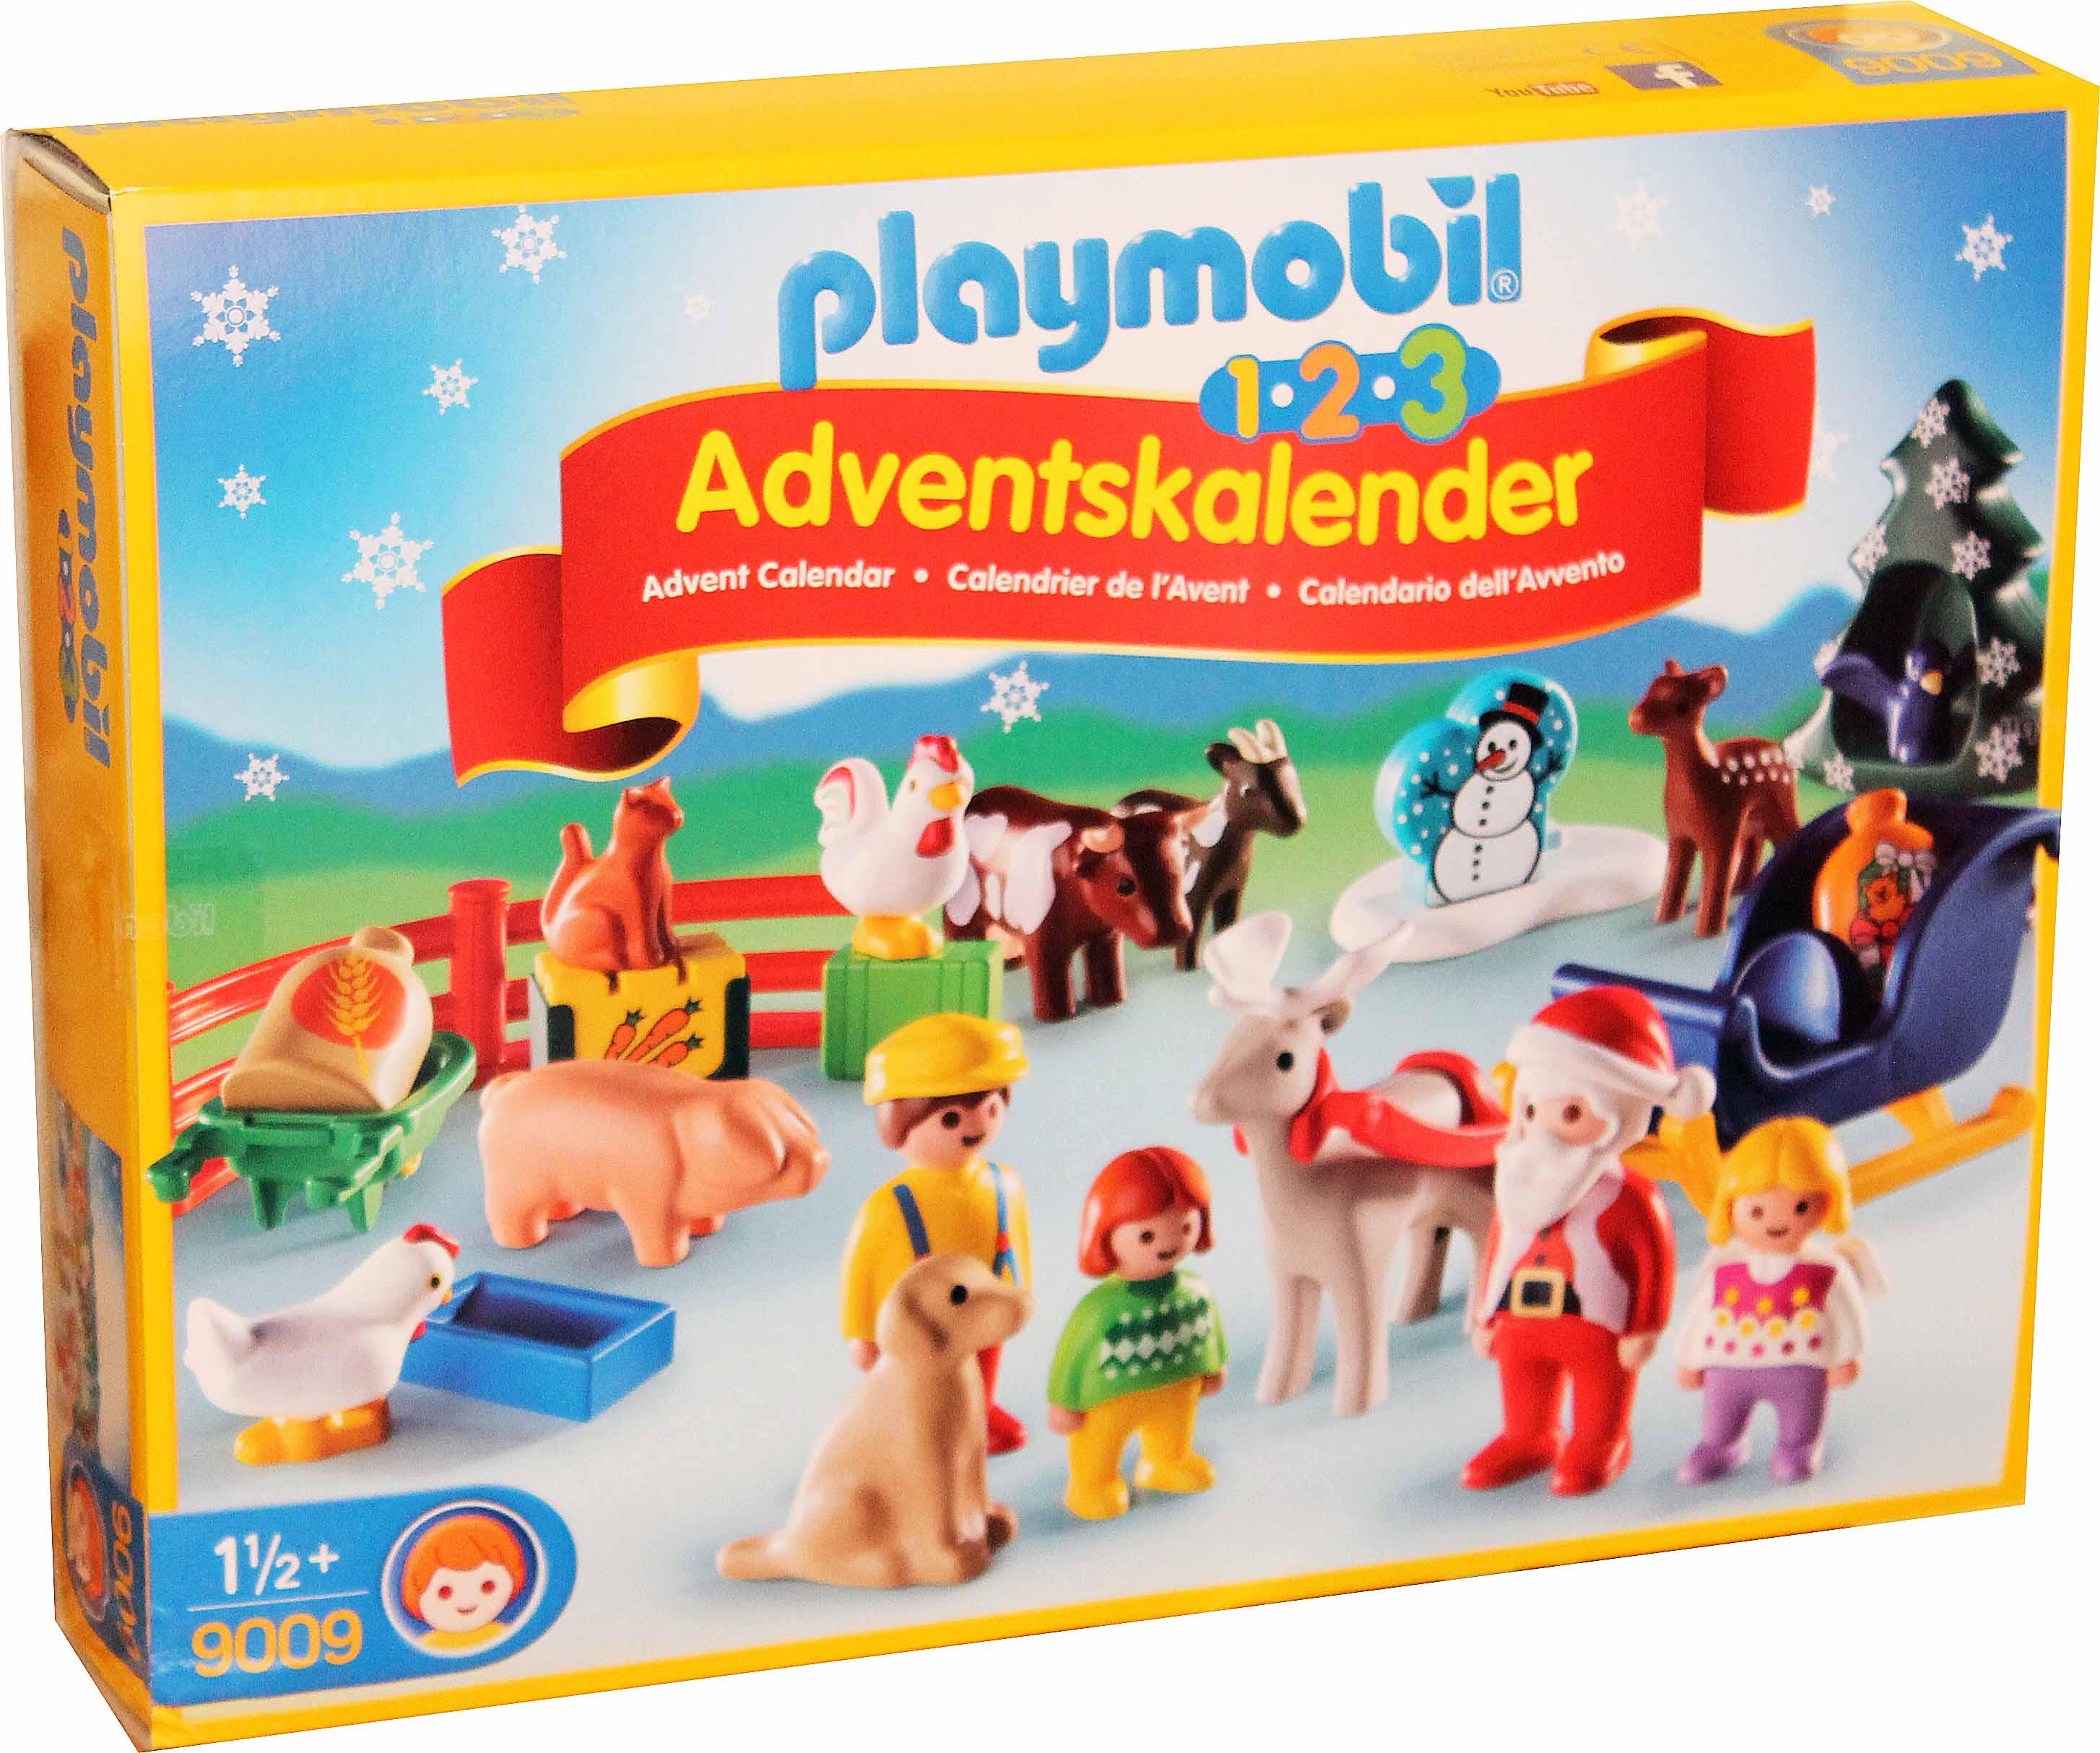 Playmobil 9009 1.2.3. Adventskalender Weihnachtskalender ...